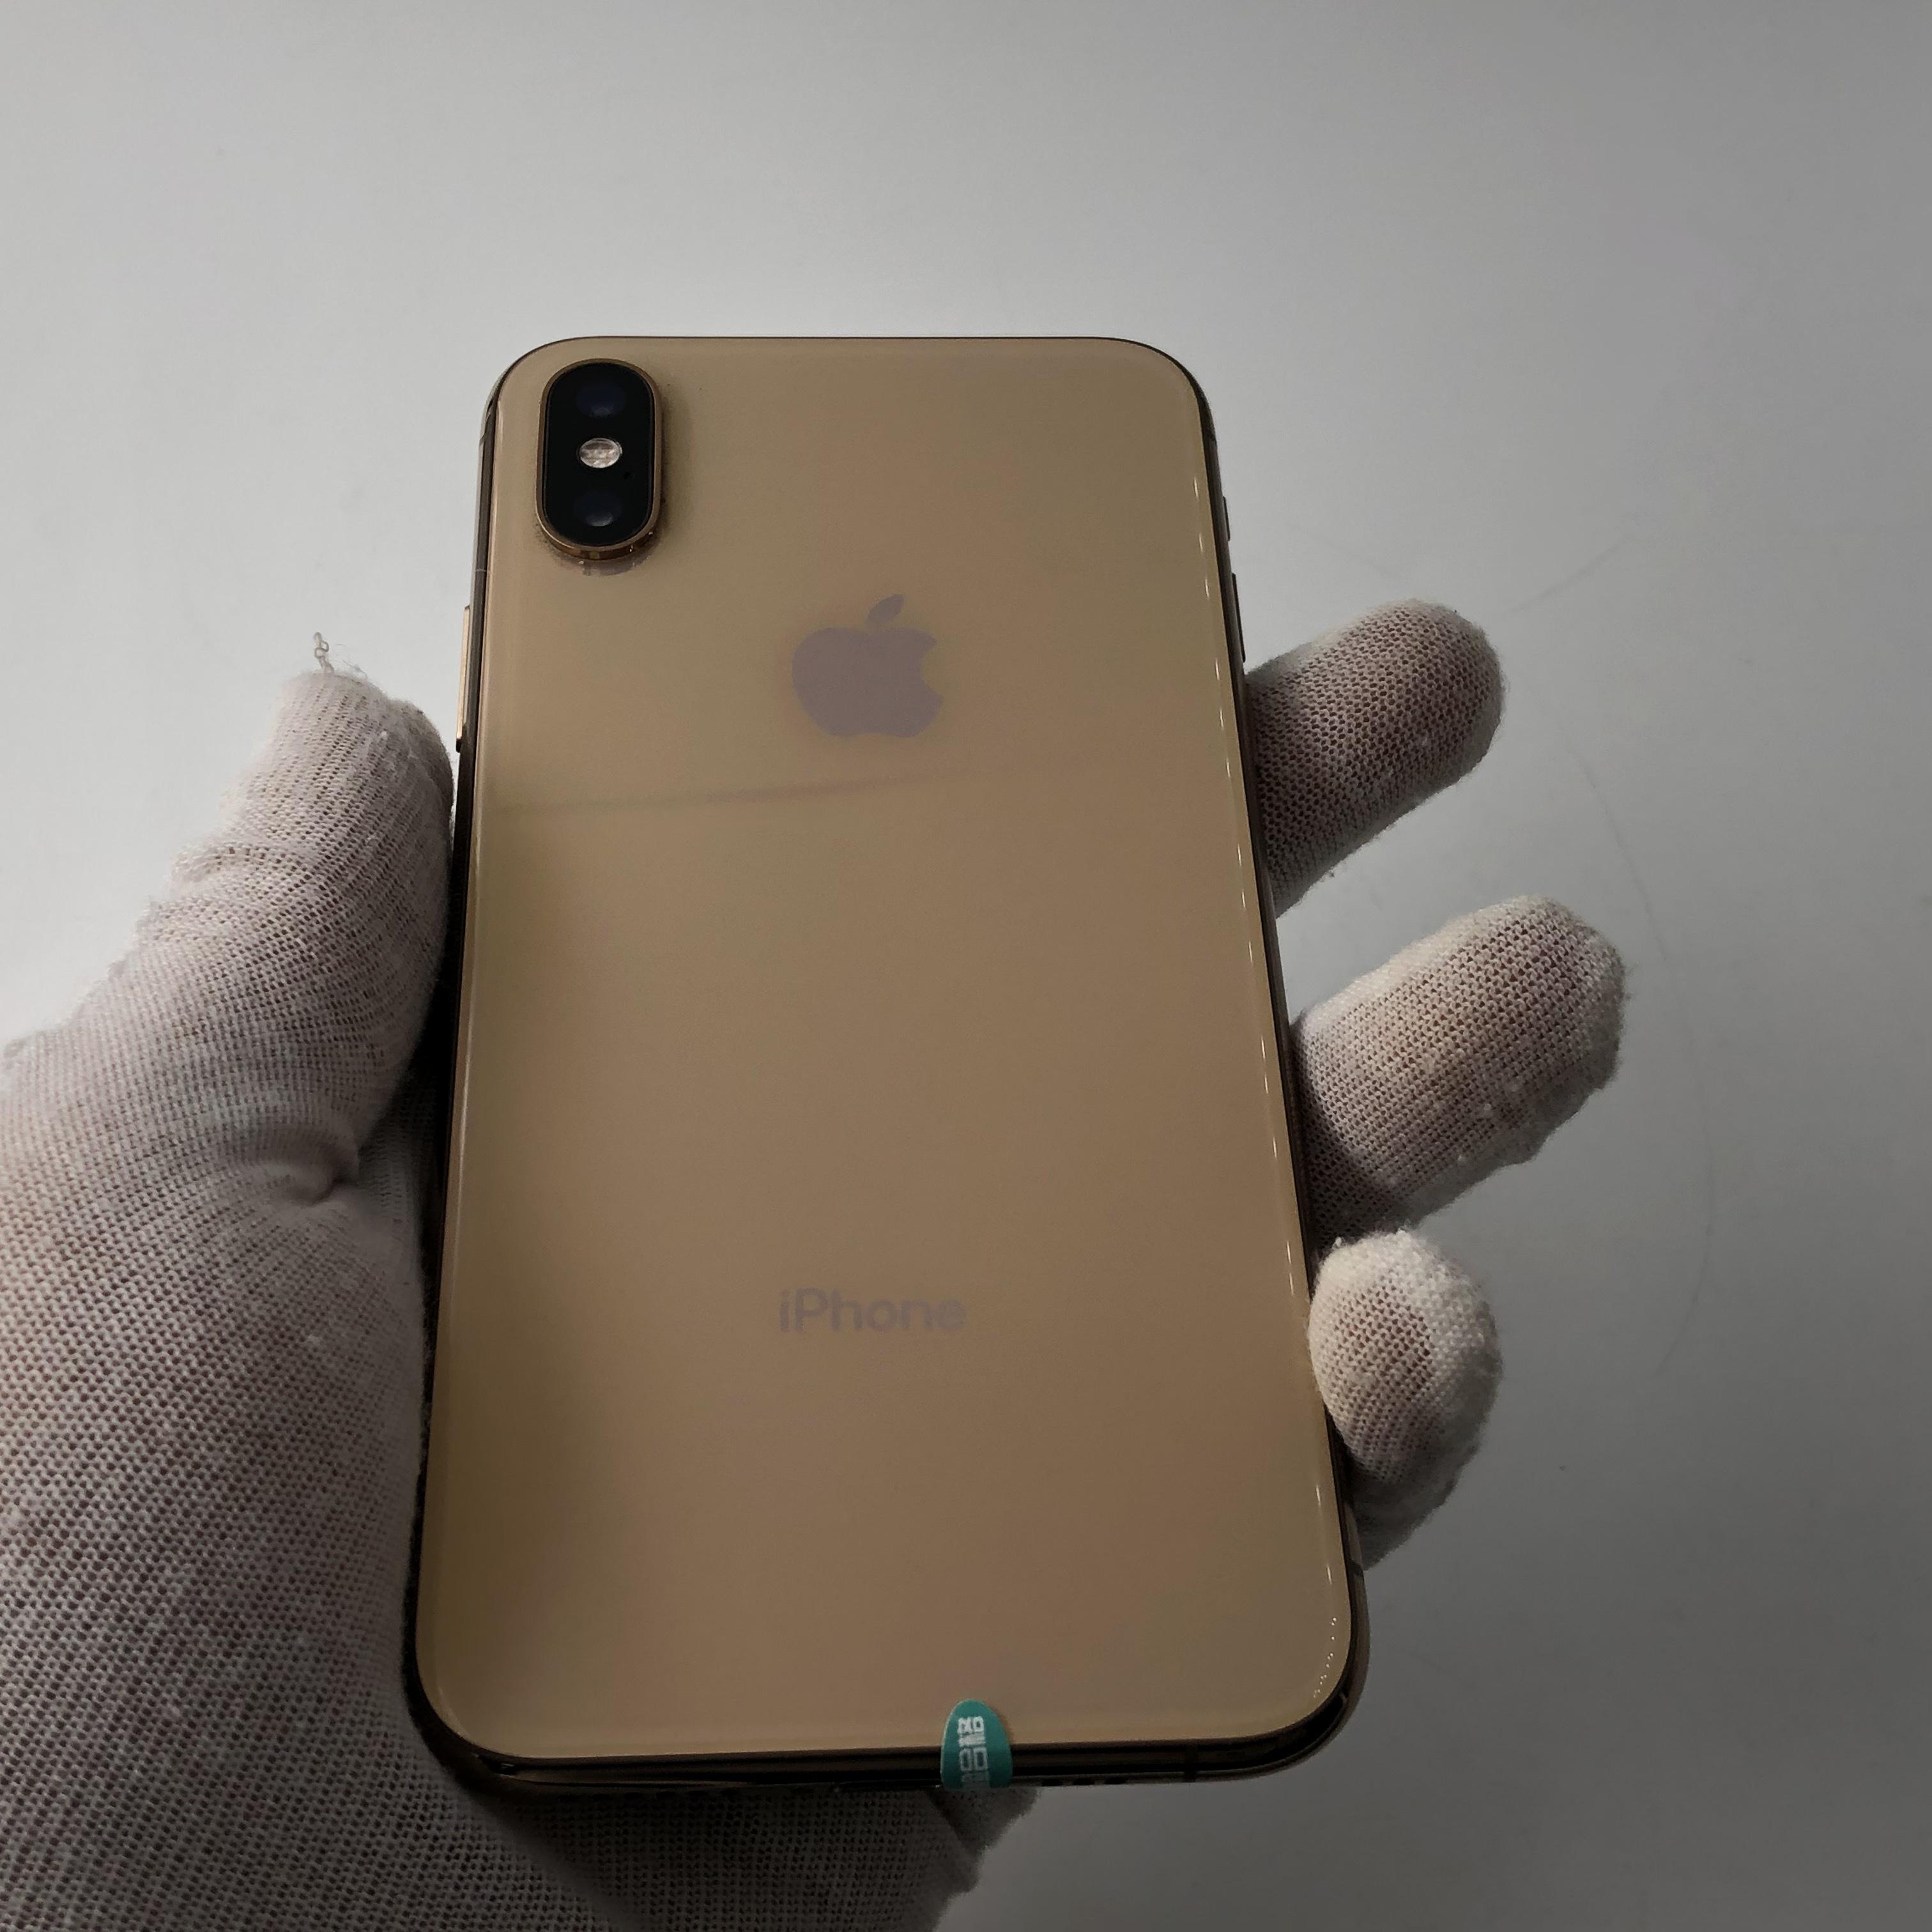 苹果【iPhone Xs】4G全网通 金色 256G 国际版 95新